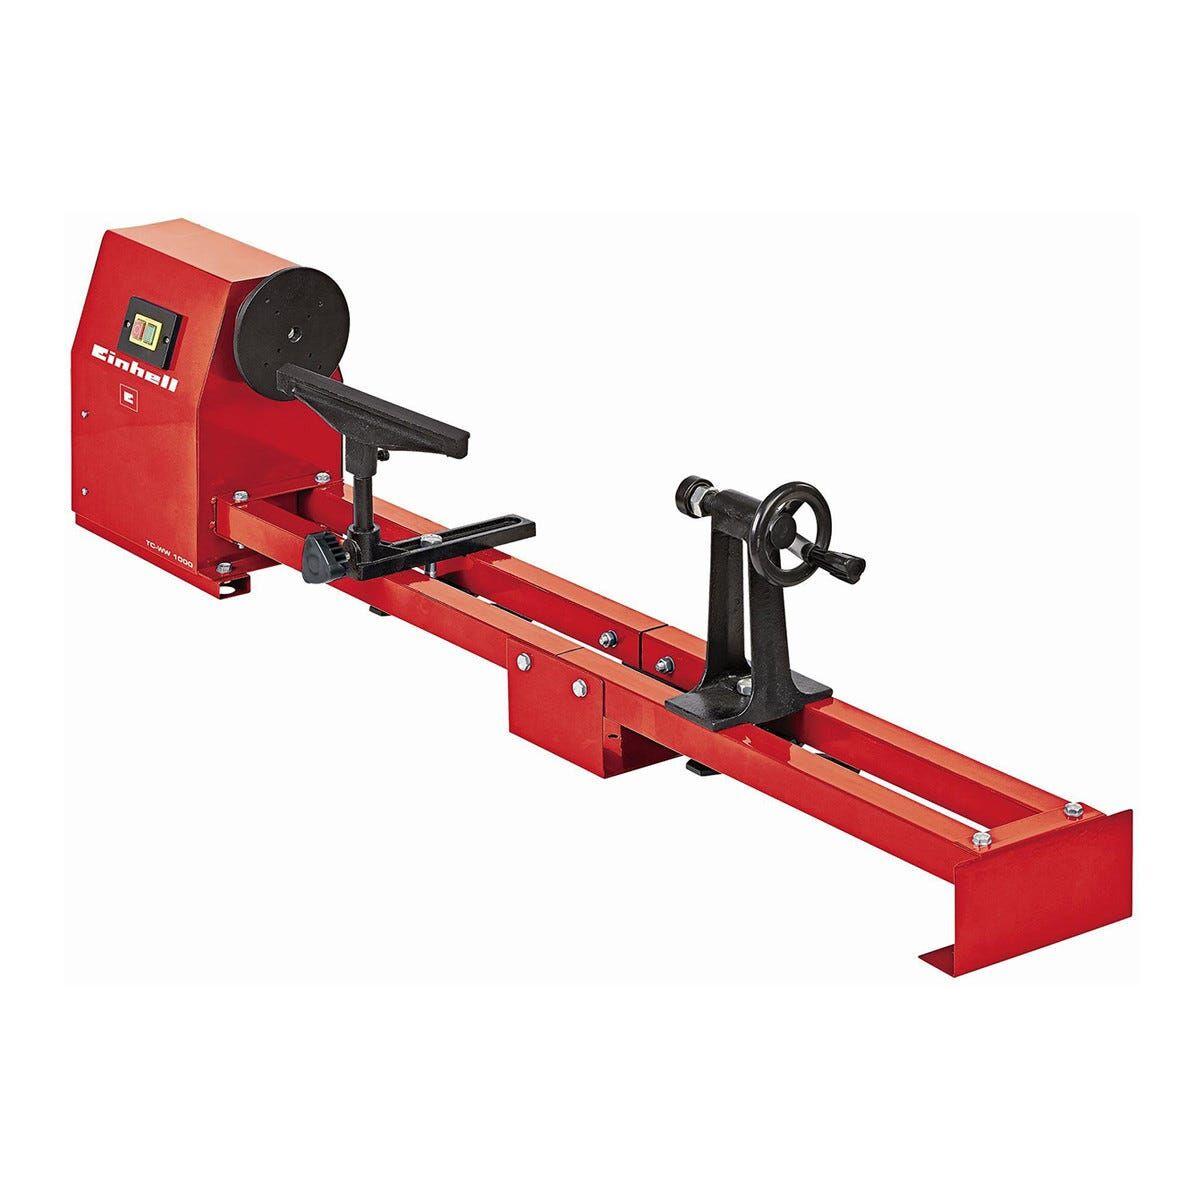 einhell_italia tornio legno 400 w tornitura 280/1000 mm peso 20,5 kg